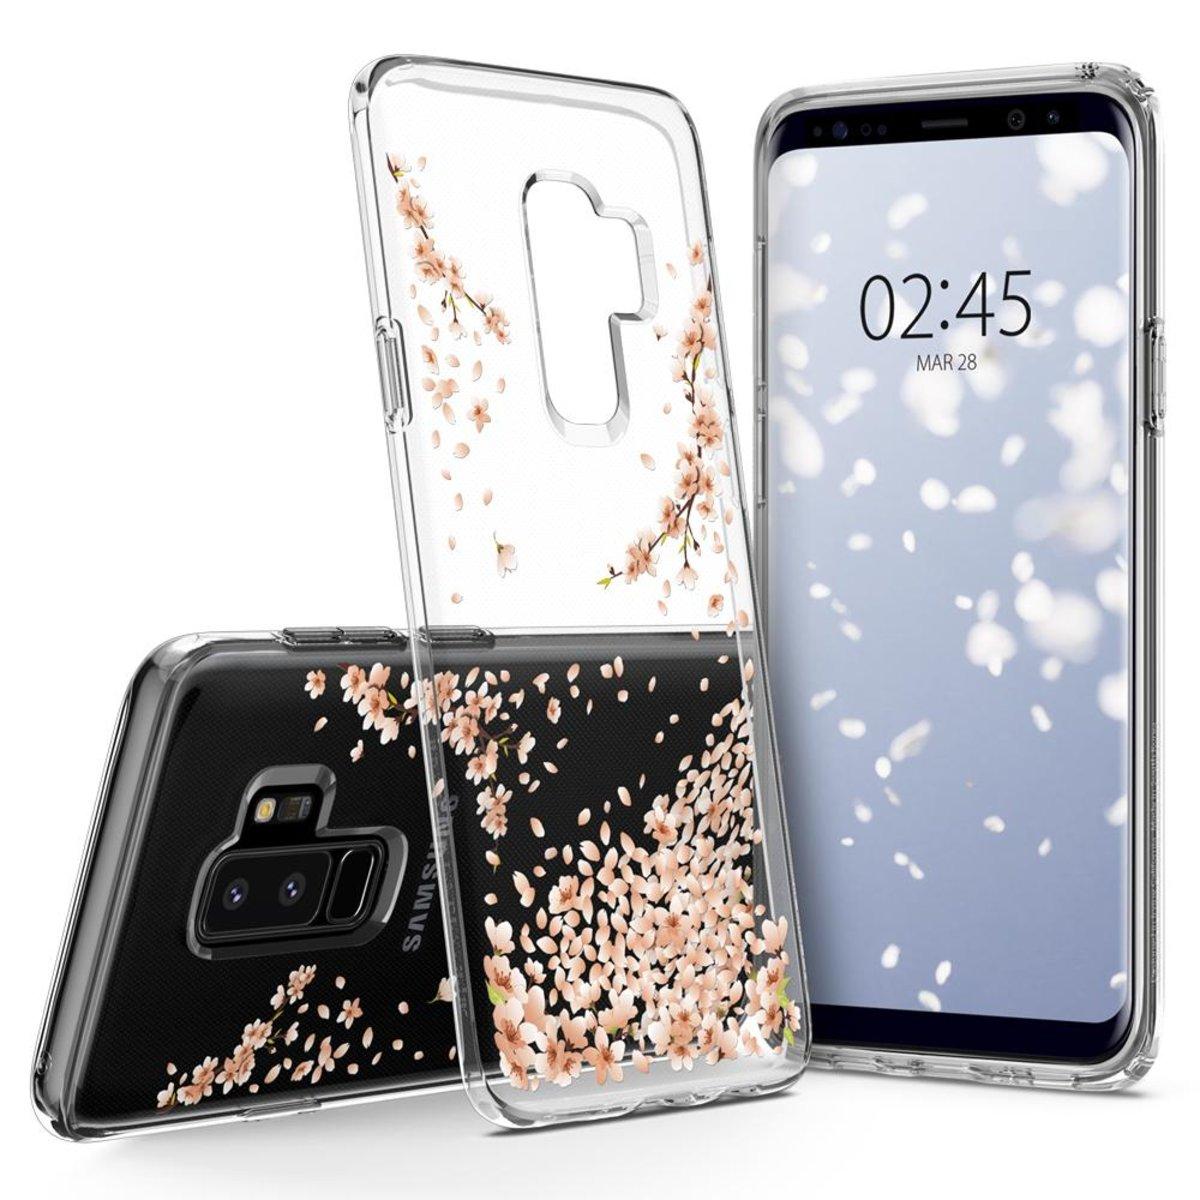 Galaxy S9+ Case Liquid Crystal Blossom - Crystal Clear